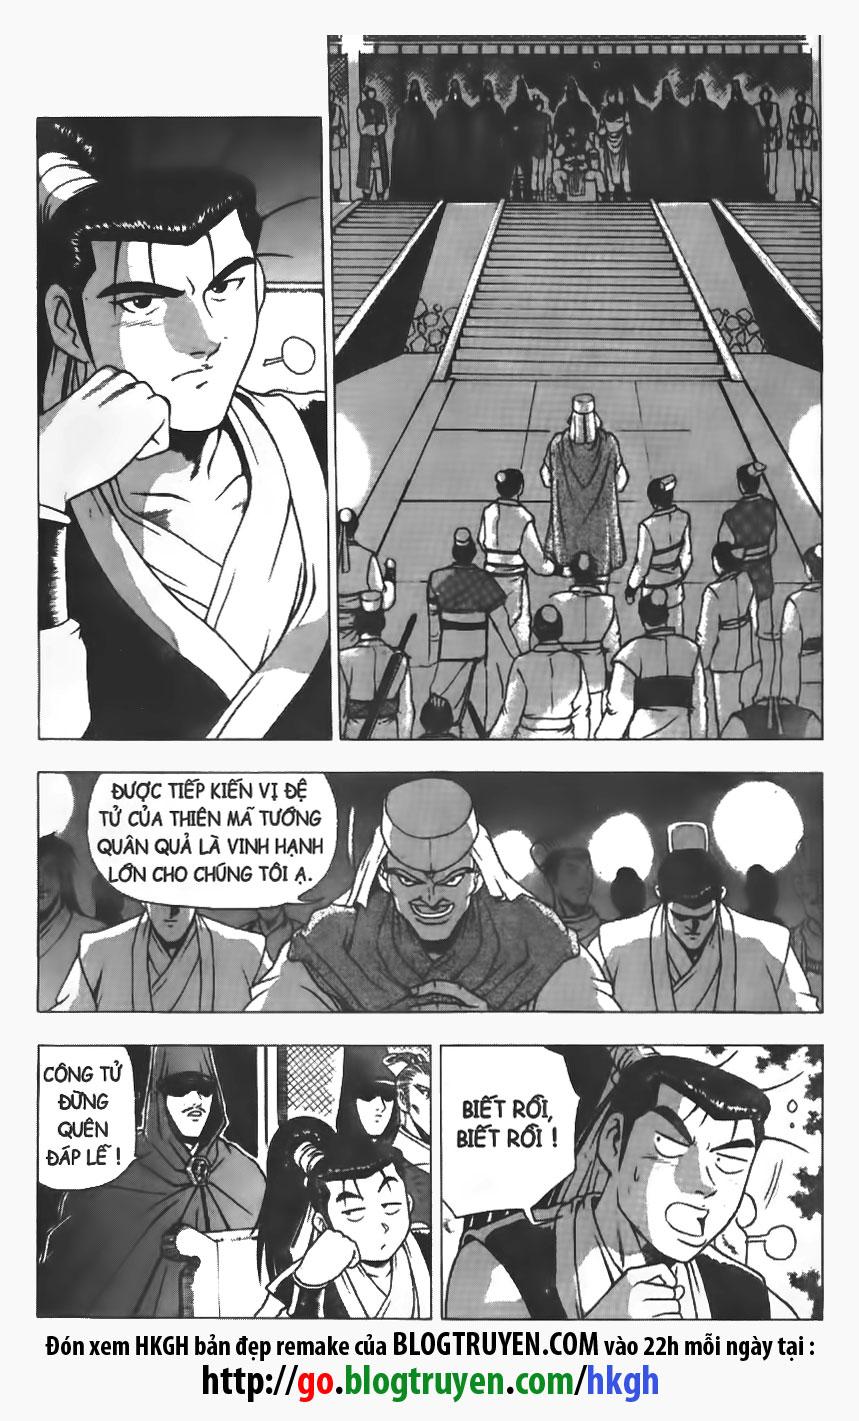 xem truyen moi - Hiệp Khách Giang Hồ Vol18 - Chap 121 - Remake